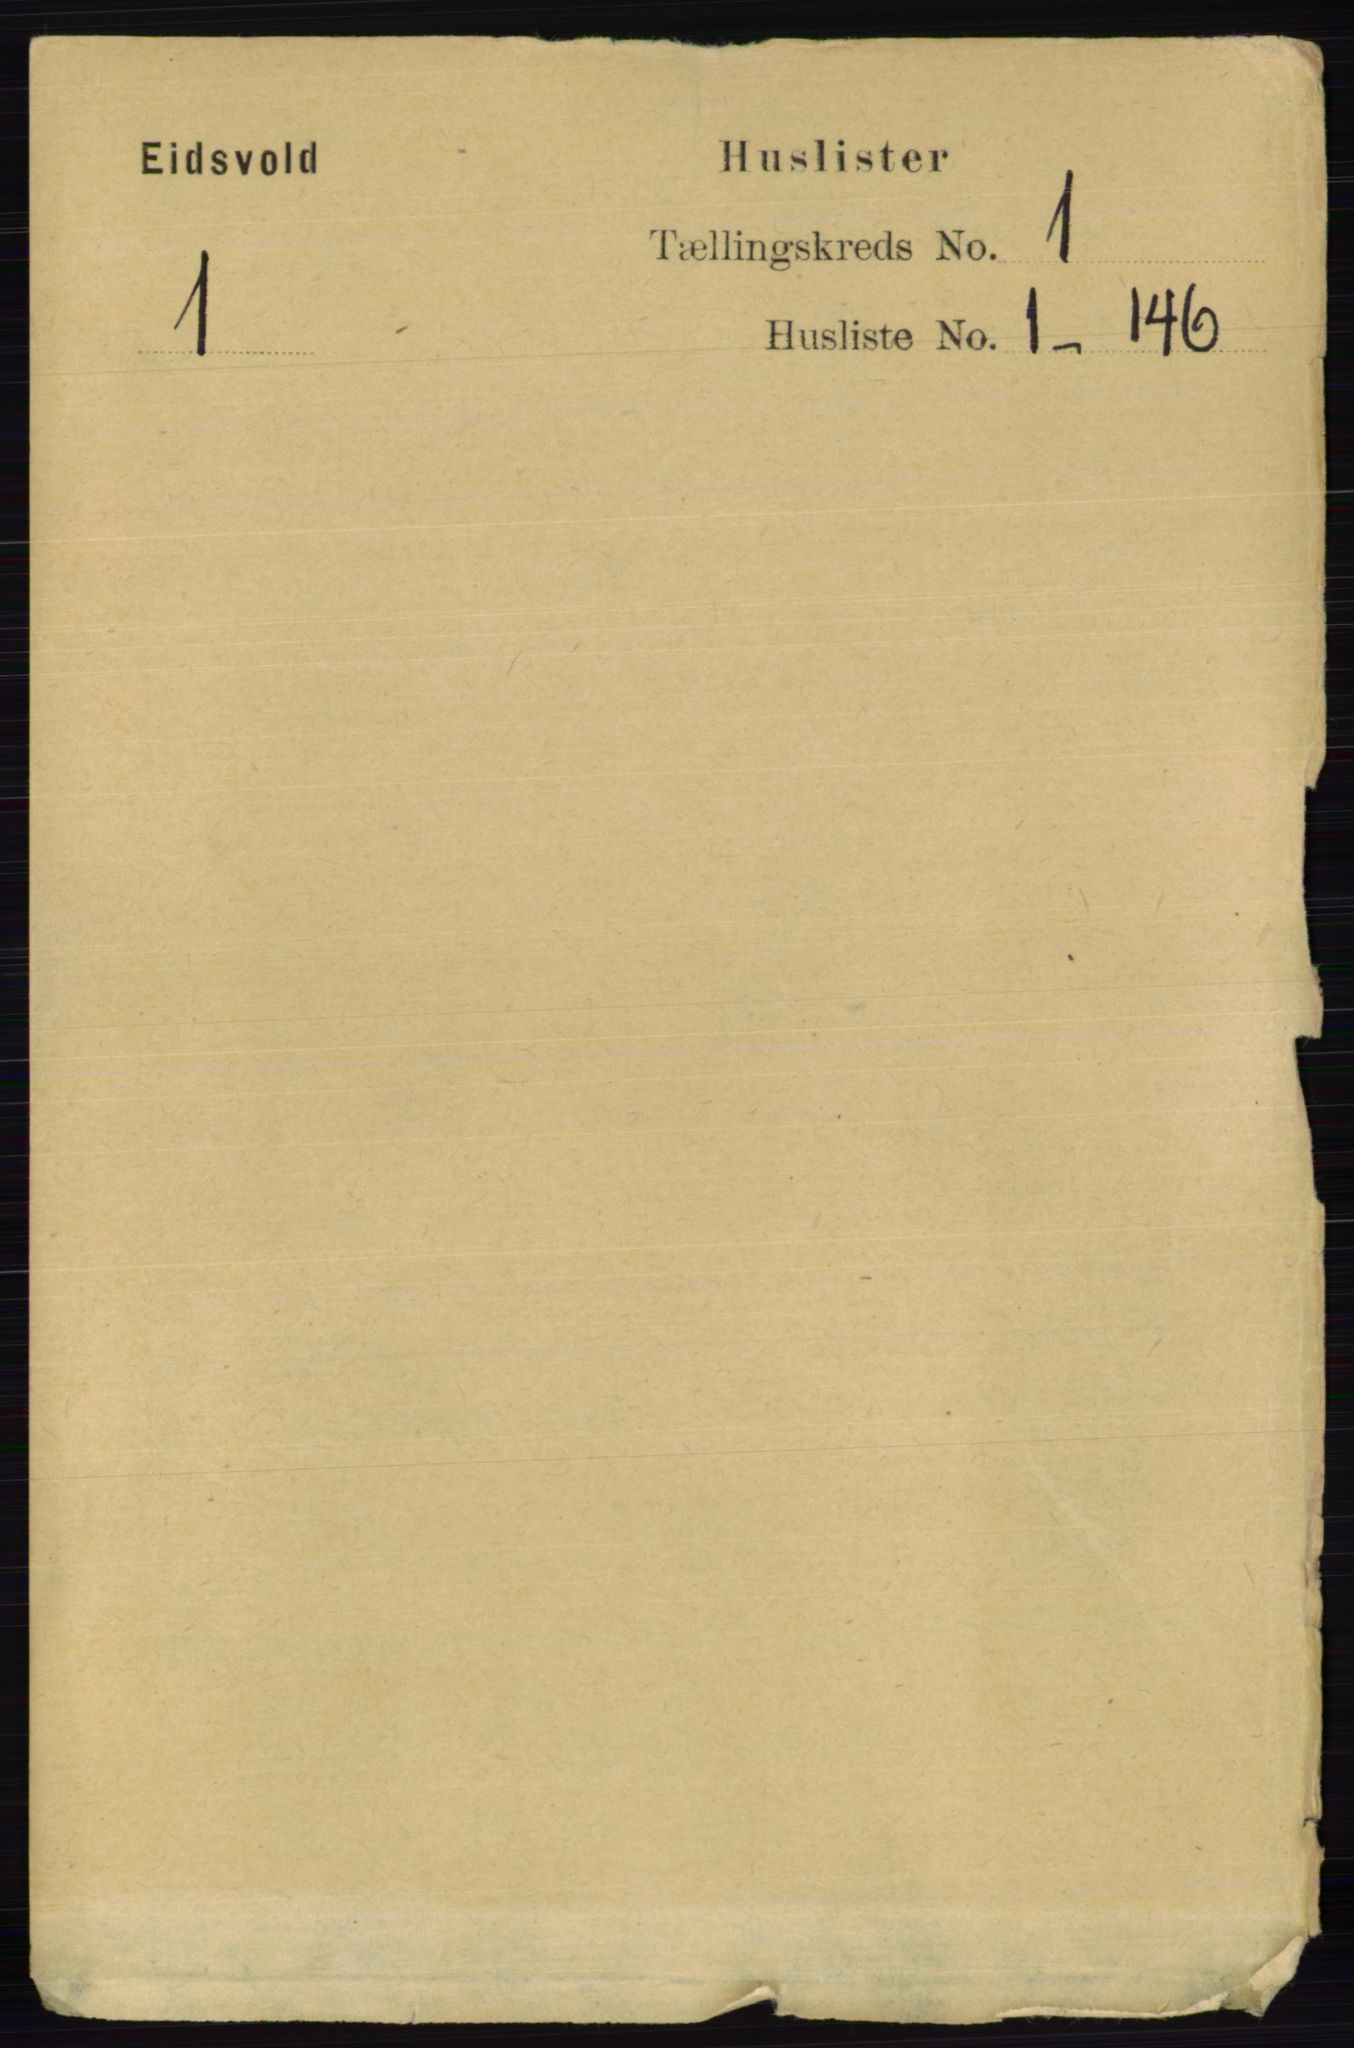 RA, Folketelling 1891 for 0237 Eidsvoll herred, 1891, s. 47